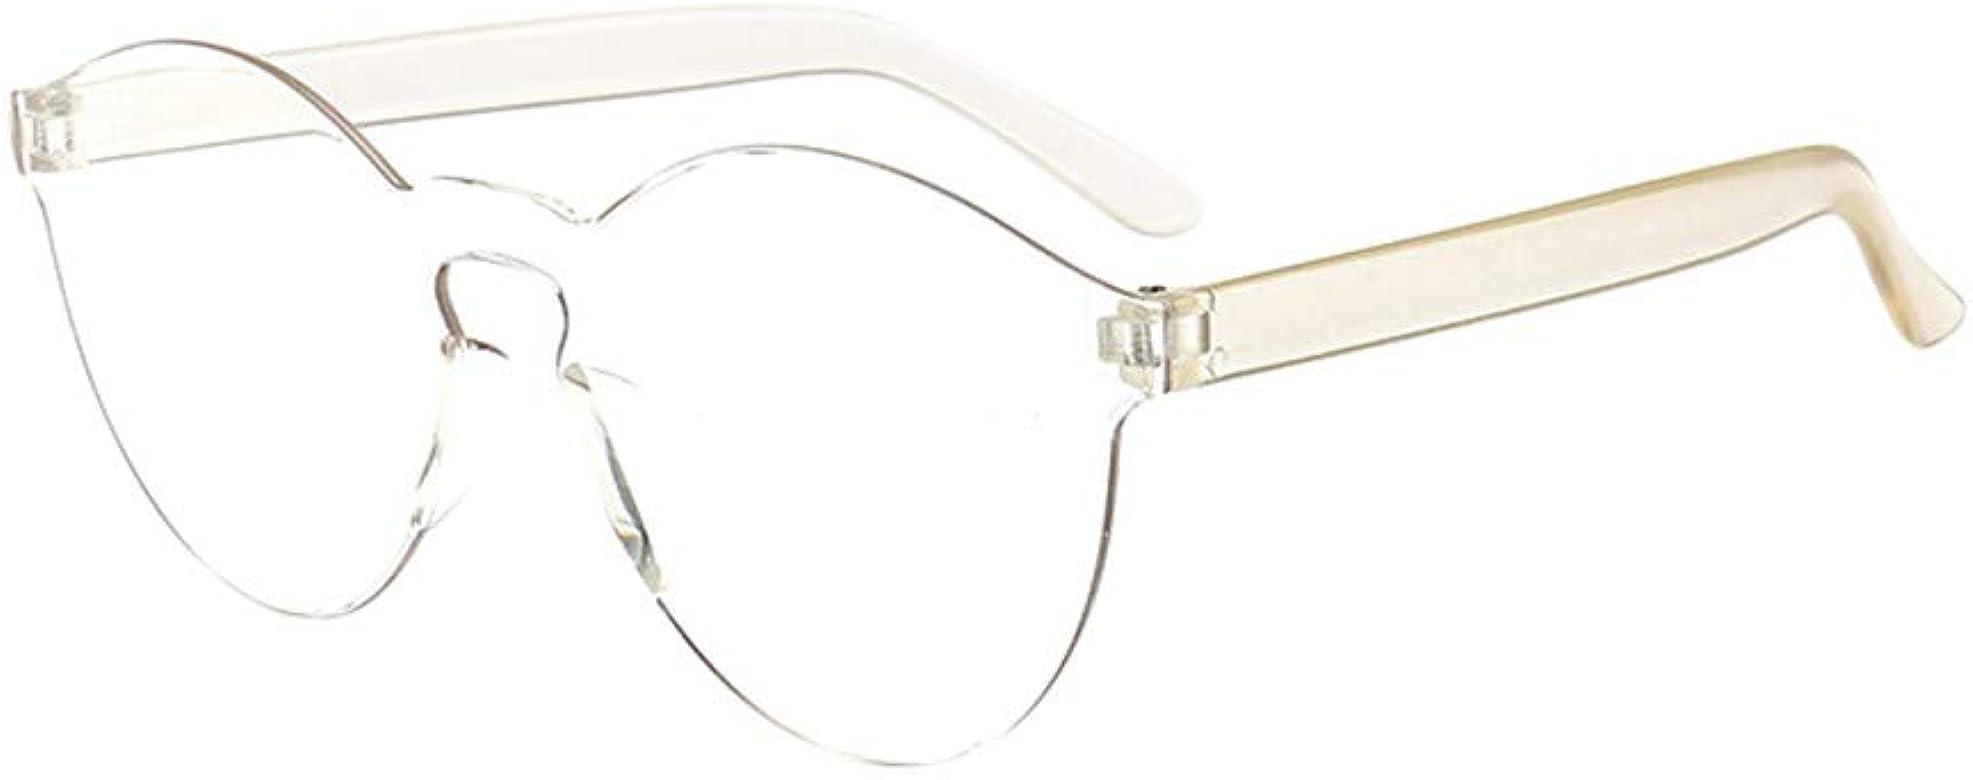 Gafas de sol vintage gafas de sol mujer transparent gafas de gafas al aire libre Sin